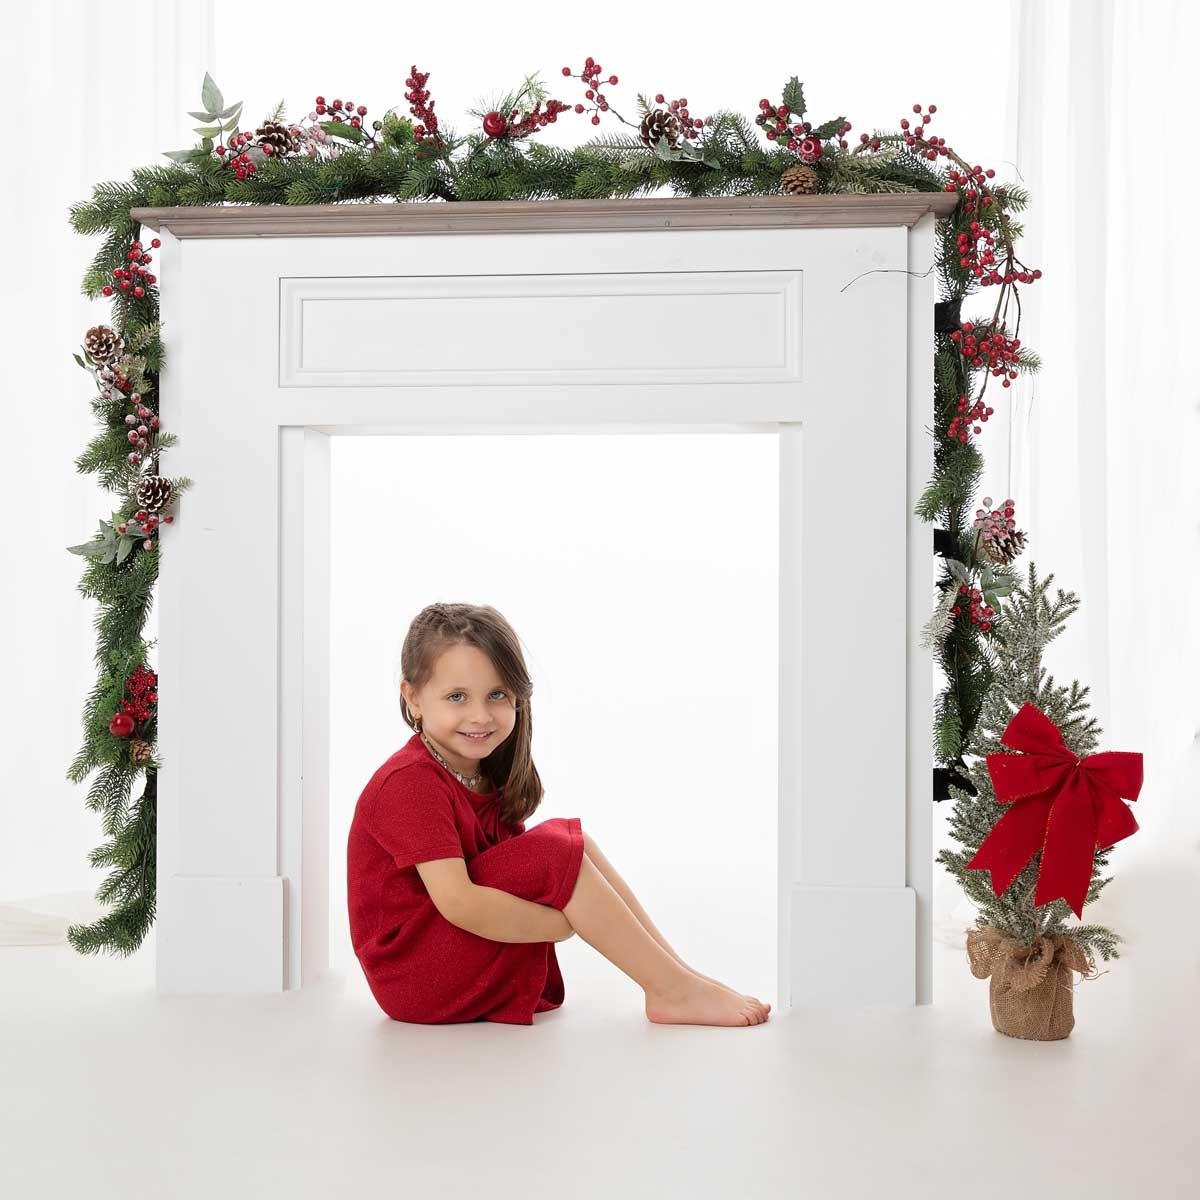 Weihnachtsshooting-kinder-fotos-muenchen